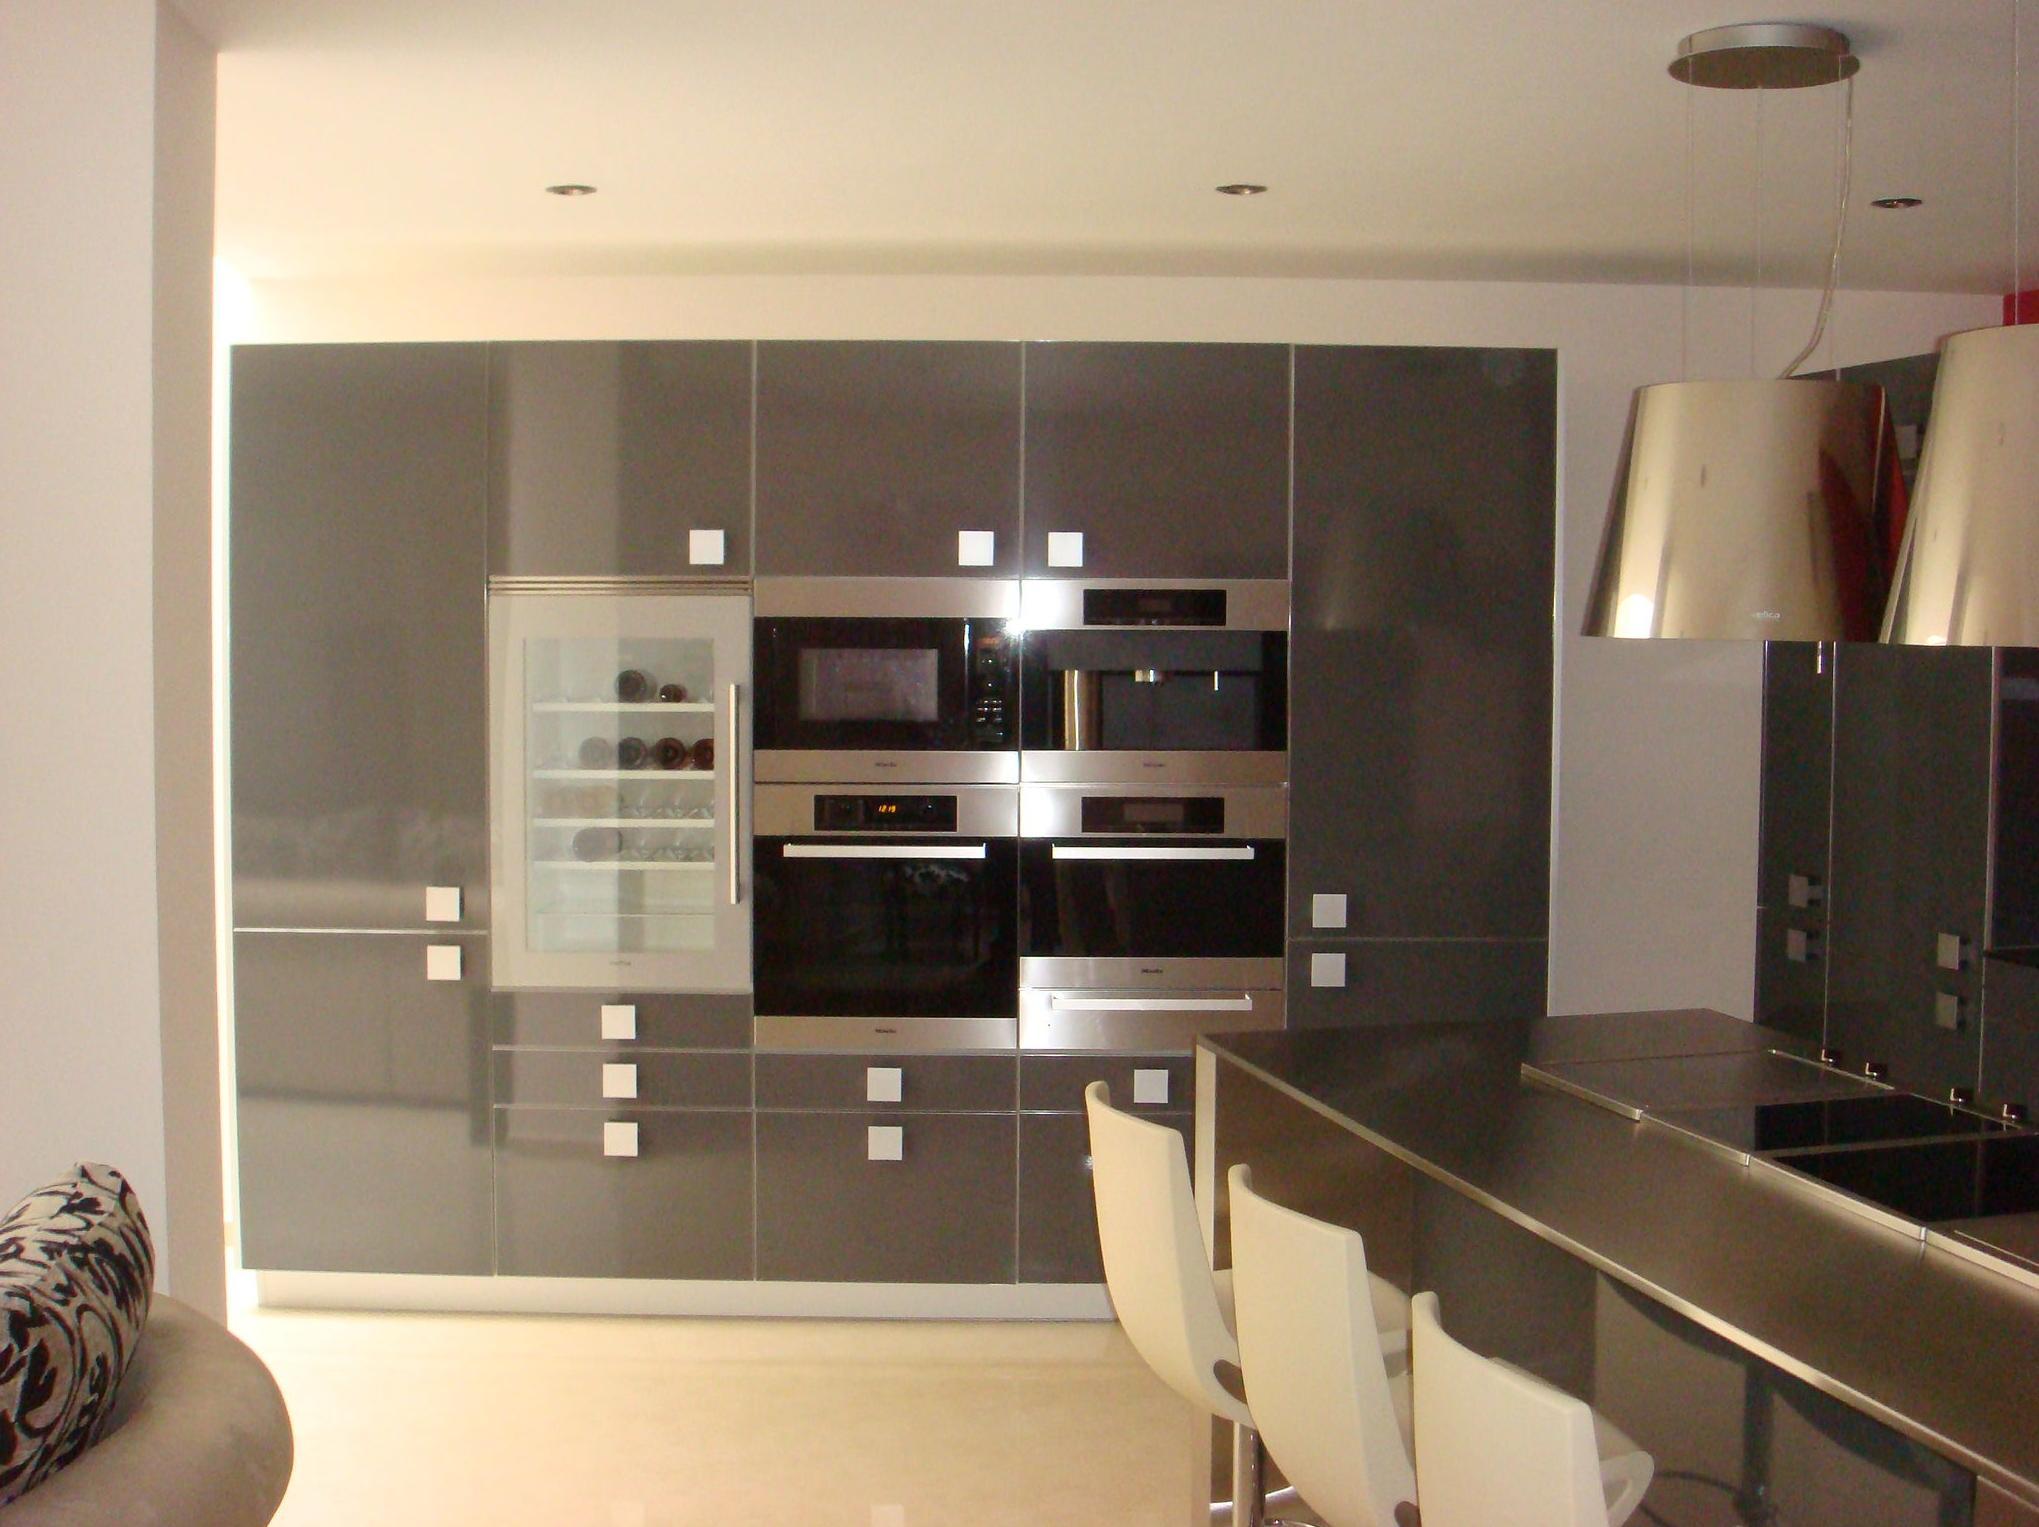 Foto 19 de Muebles de cocina en Las Palmas de Gran Canaria | LA CHIMENEA